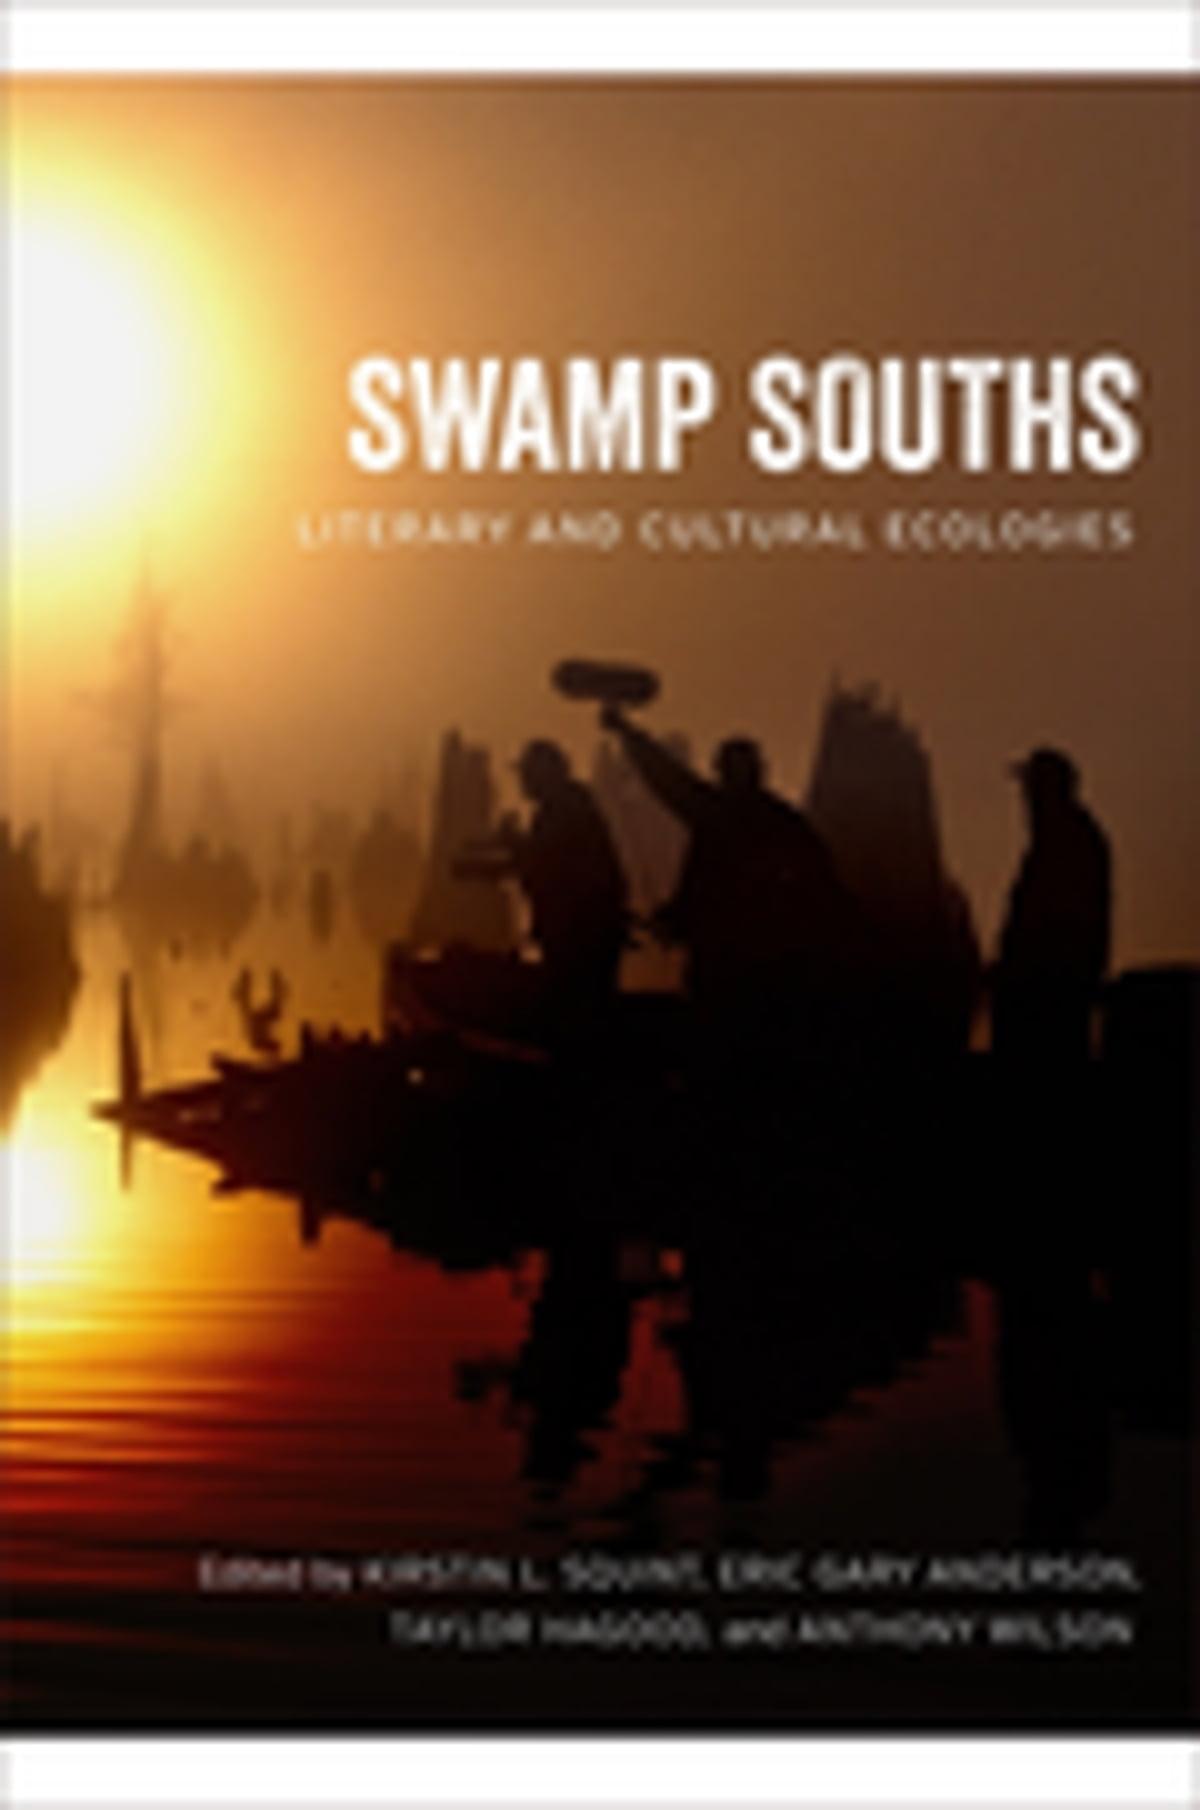 Swamp Souths 電子書,基本上應該是目前消費級 E-Ink 產品裡面,分類依據 林詠琛 - 7397888276424   Rakuten Kobo 香港